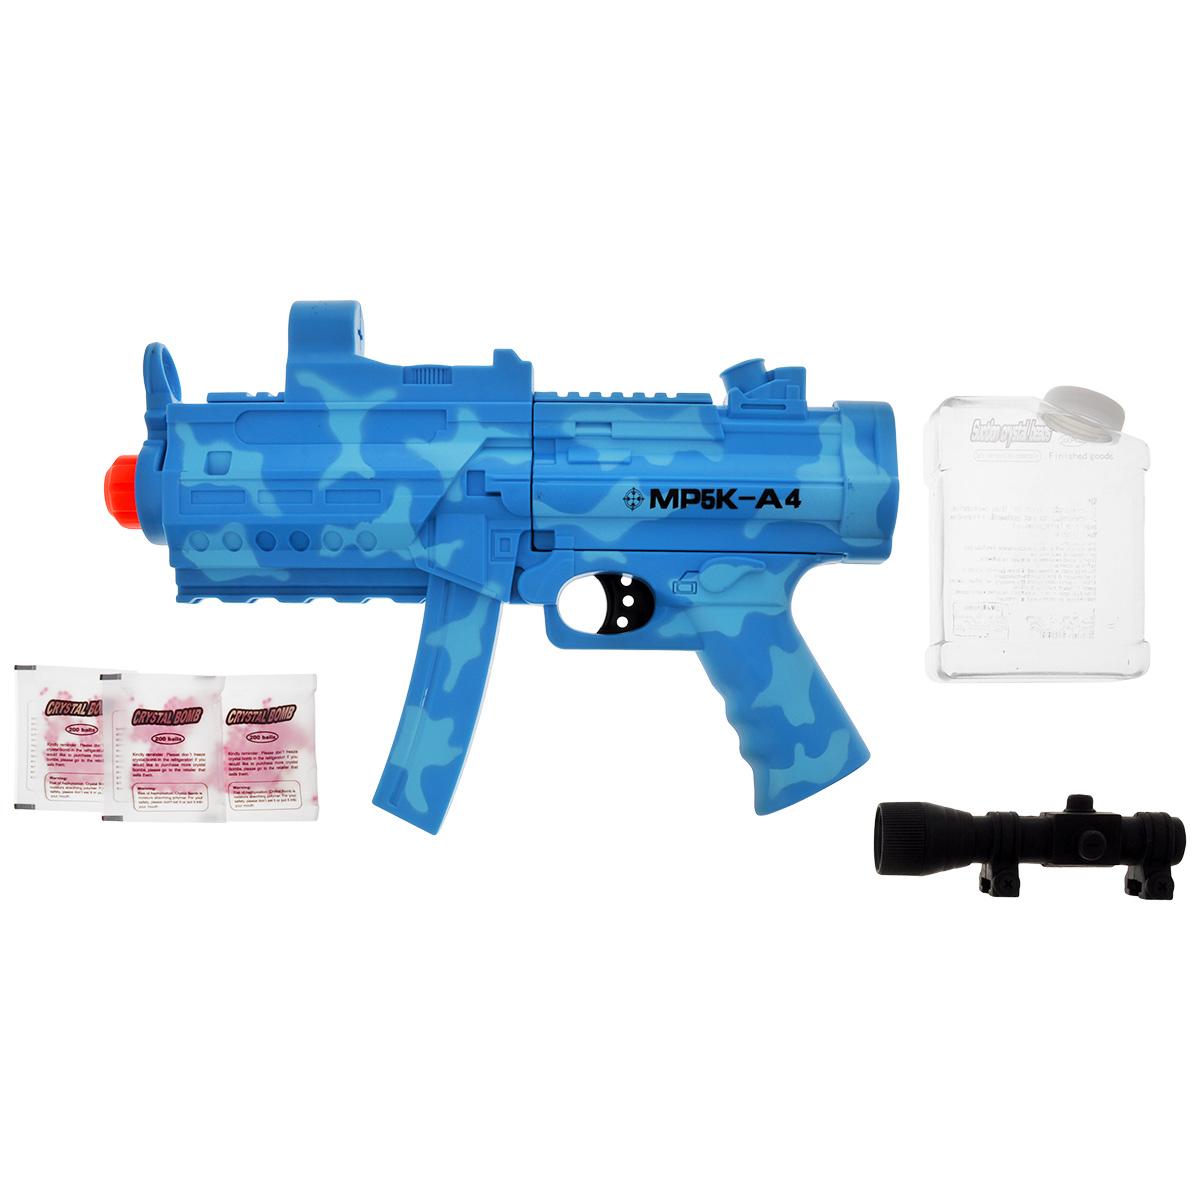 Mioshi Автомат Army Специальная миссия цвет голубой игровой набор mioshi army стража автомат м71